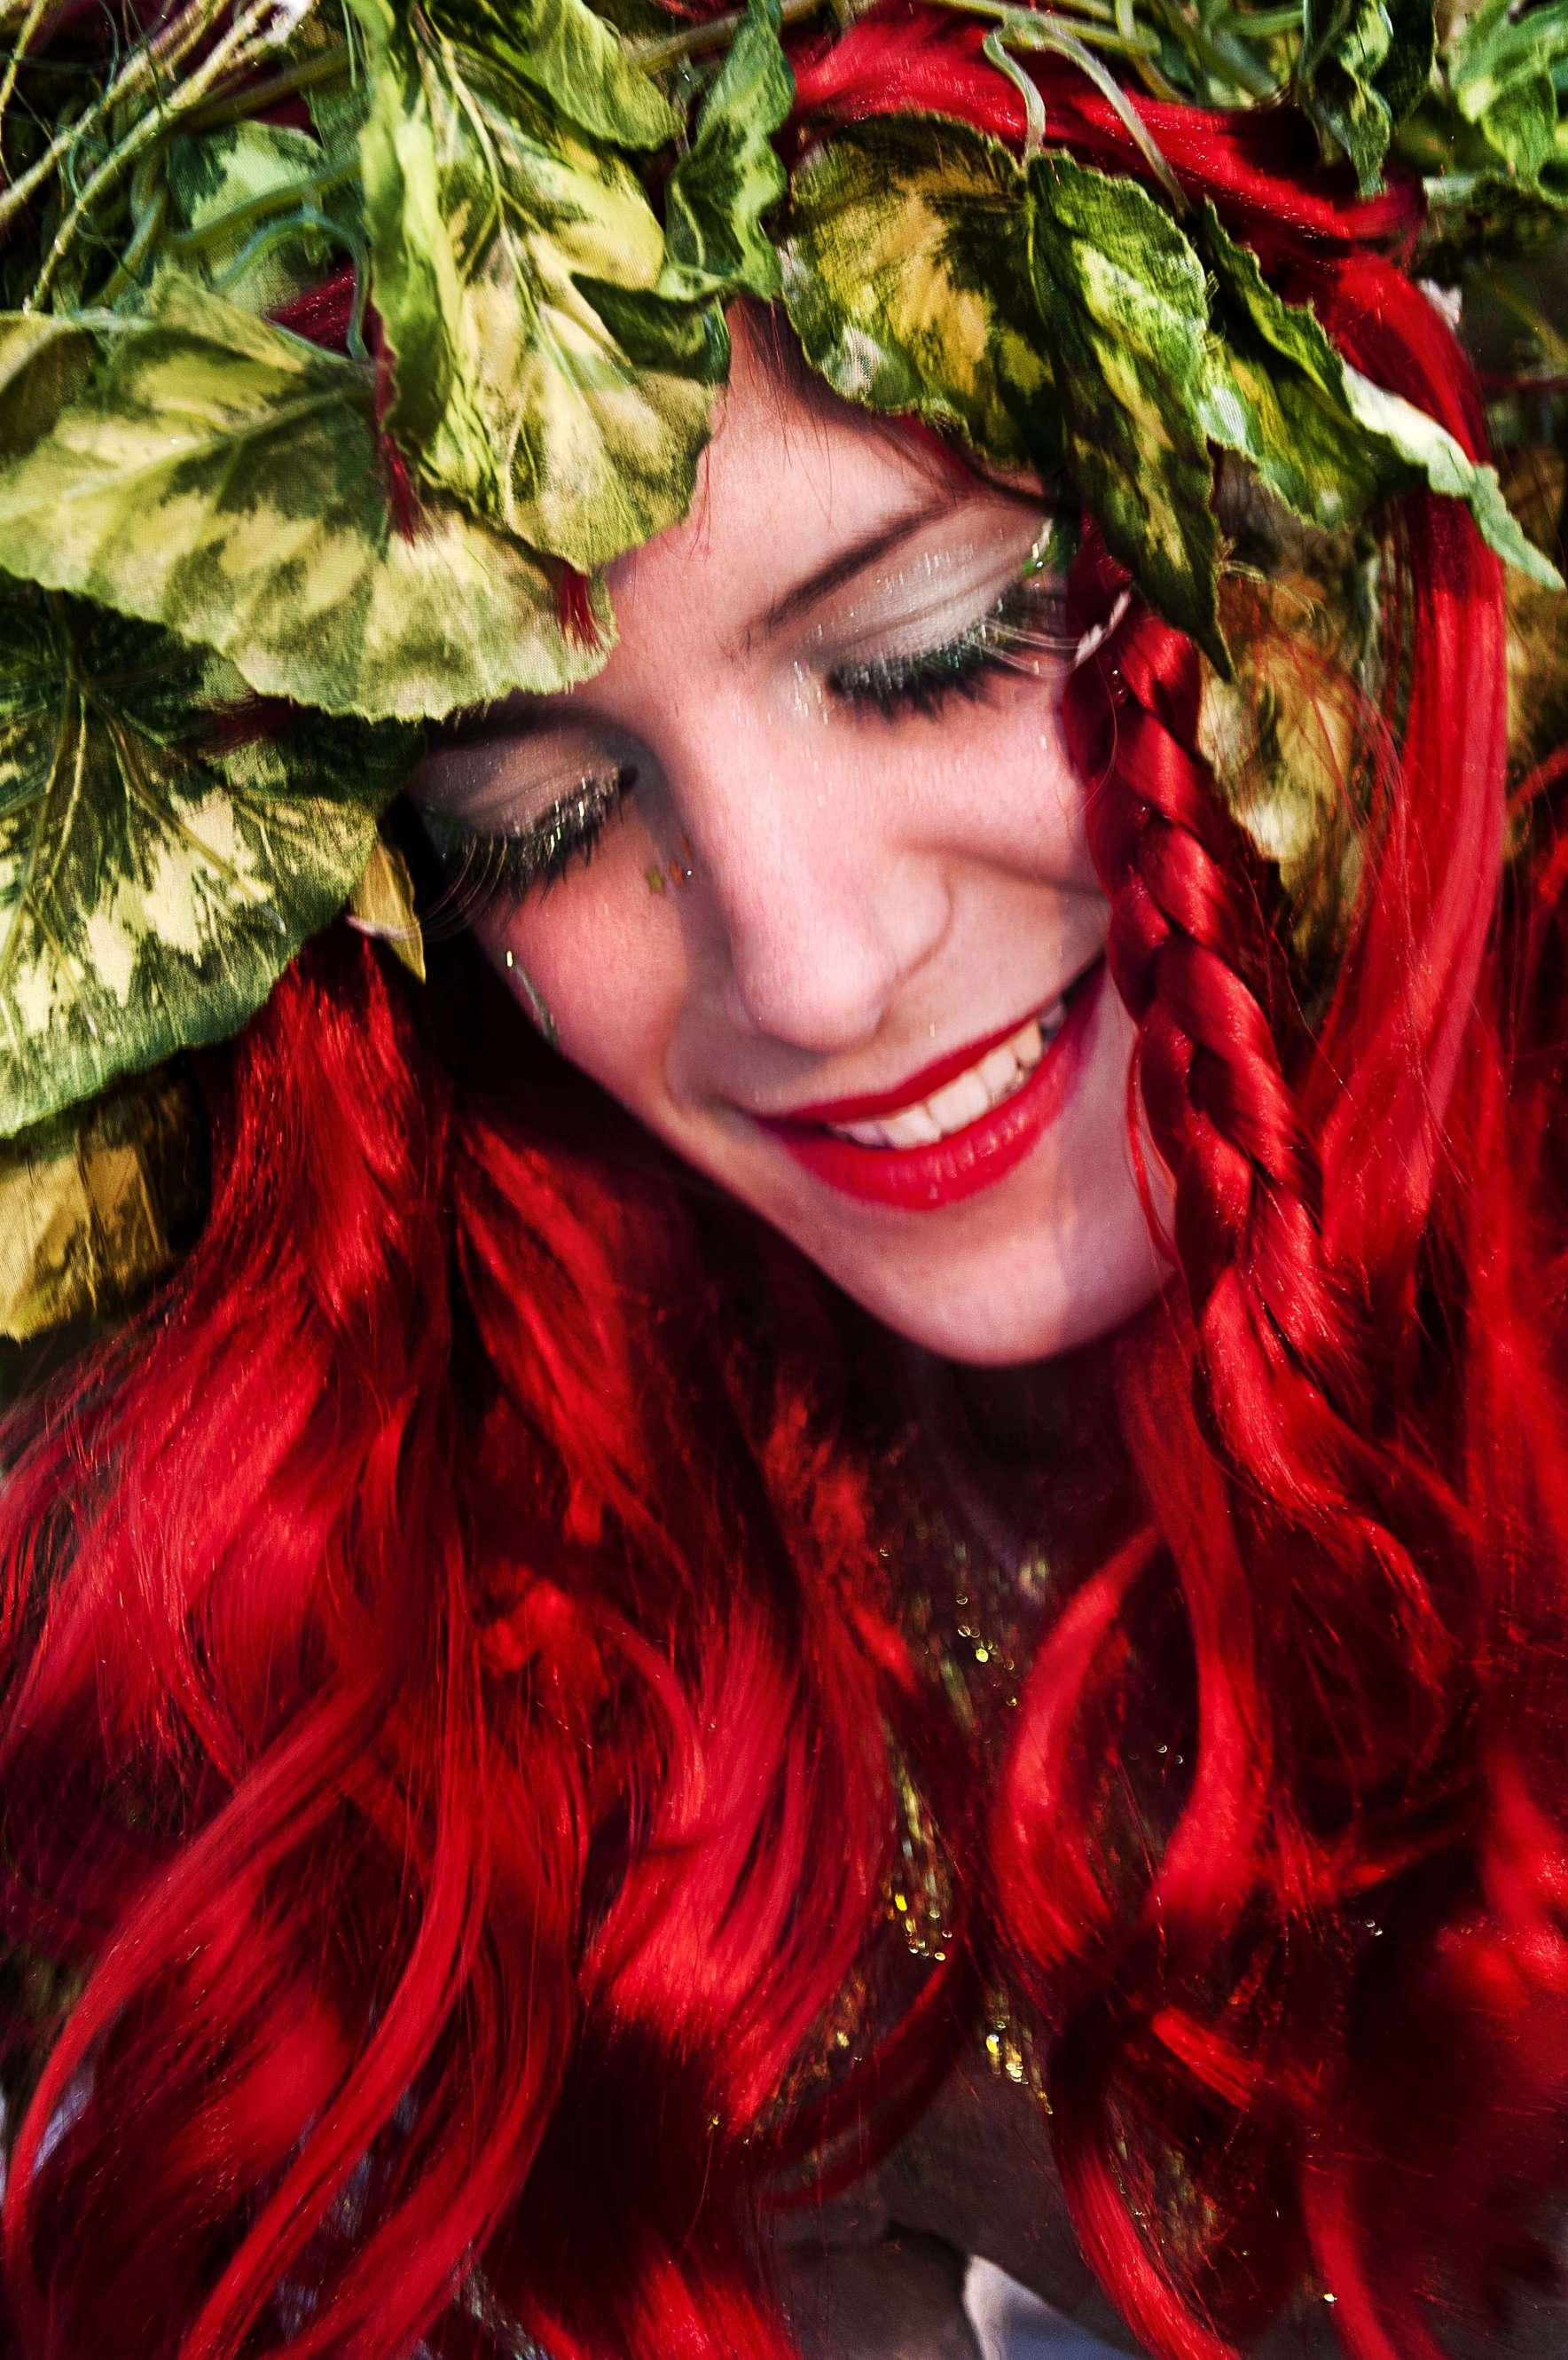 Ανιματέρ ντυμένη γοργόνα με κόκκινα μαλλιά και στεφάνι από φύλλα